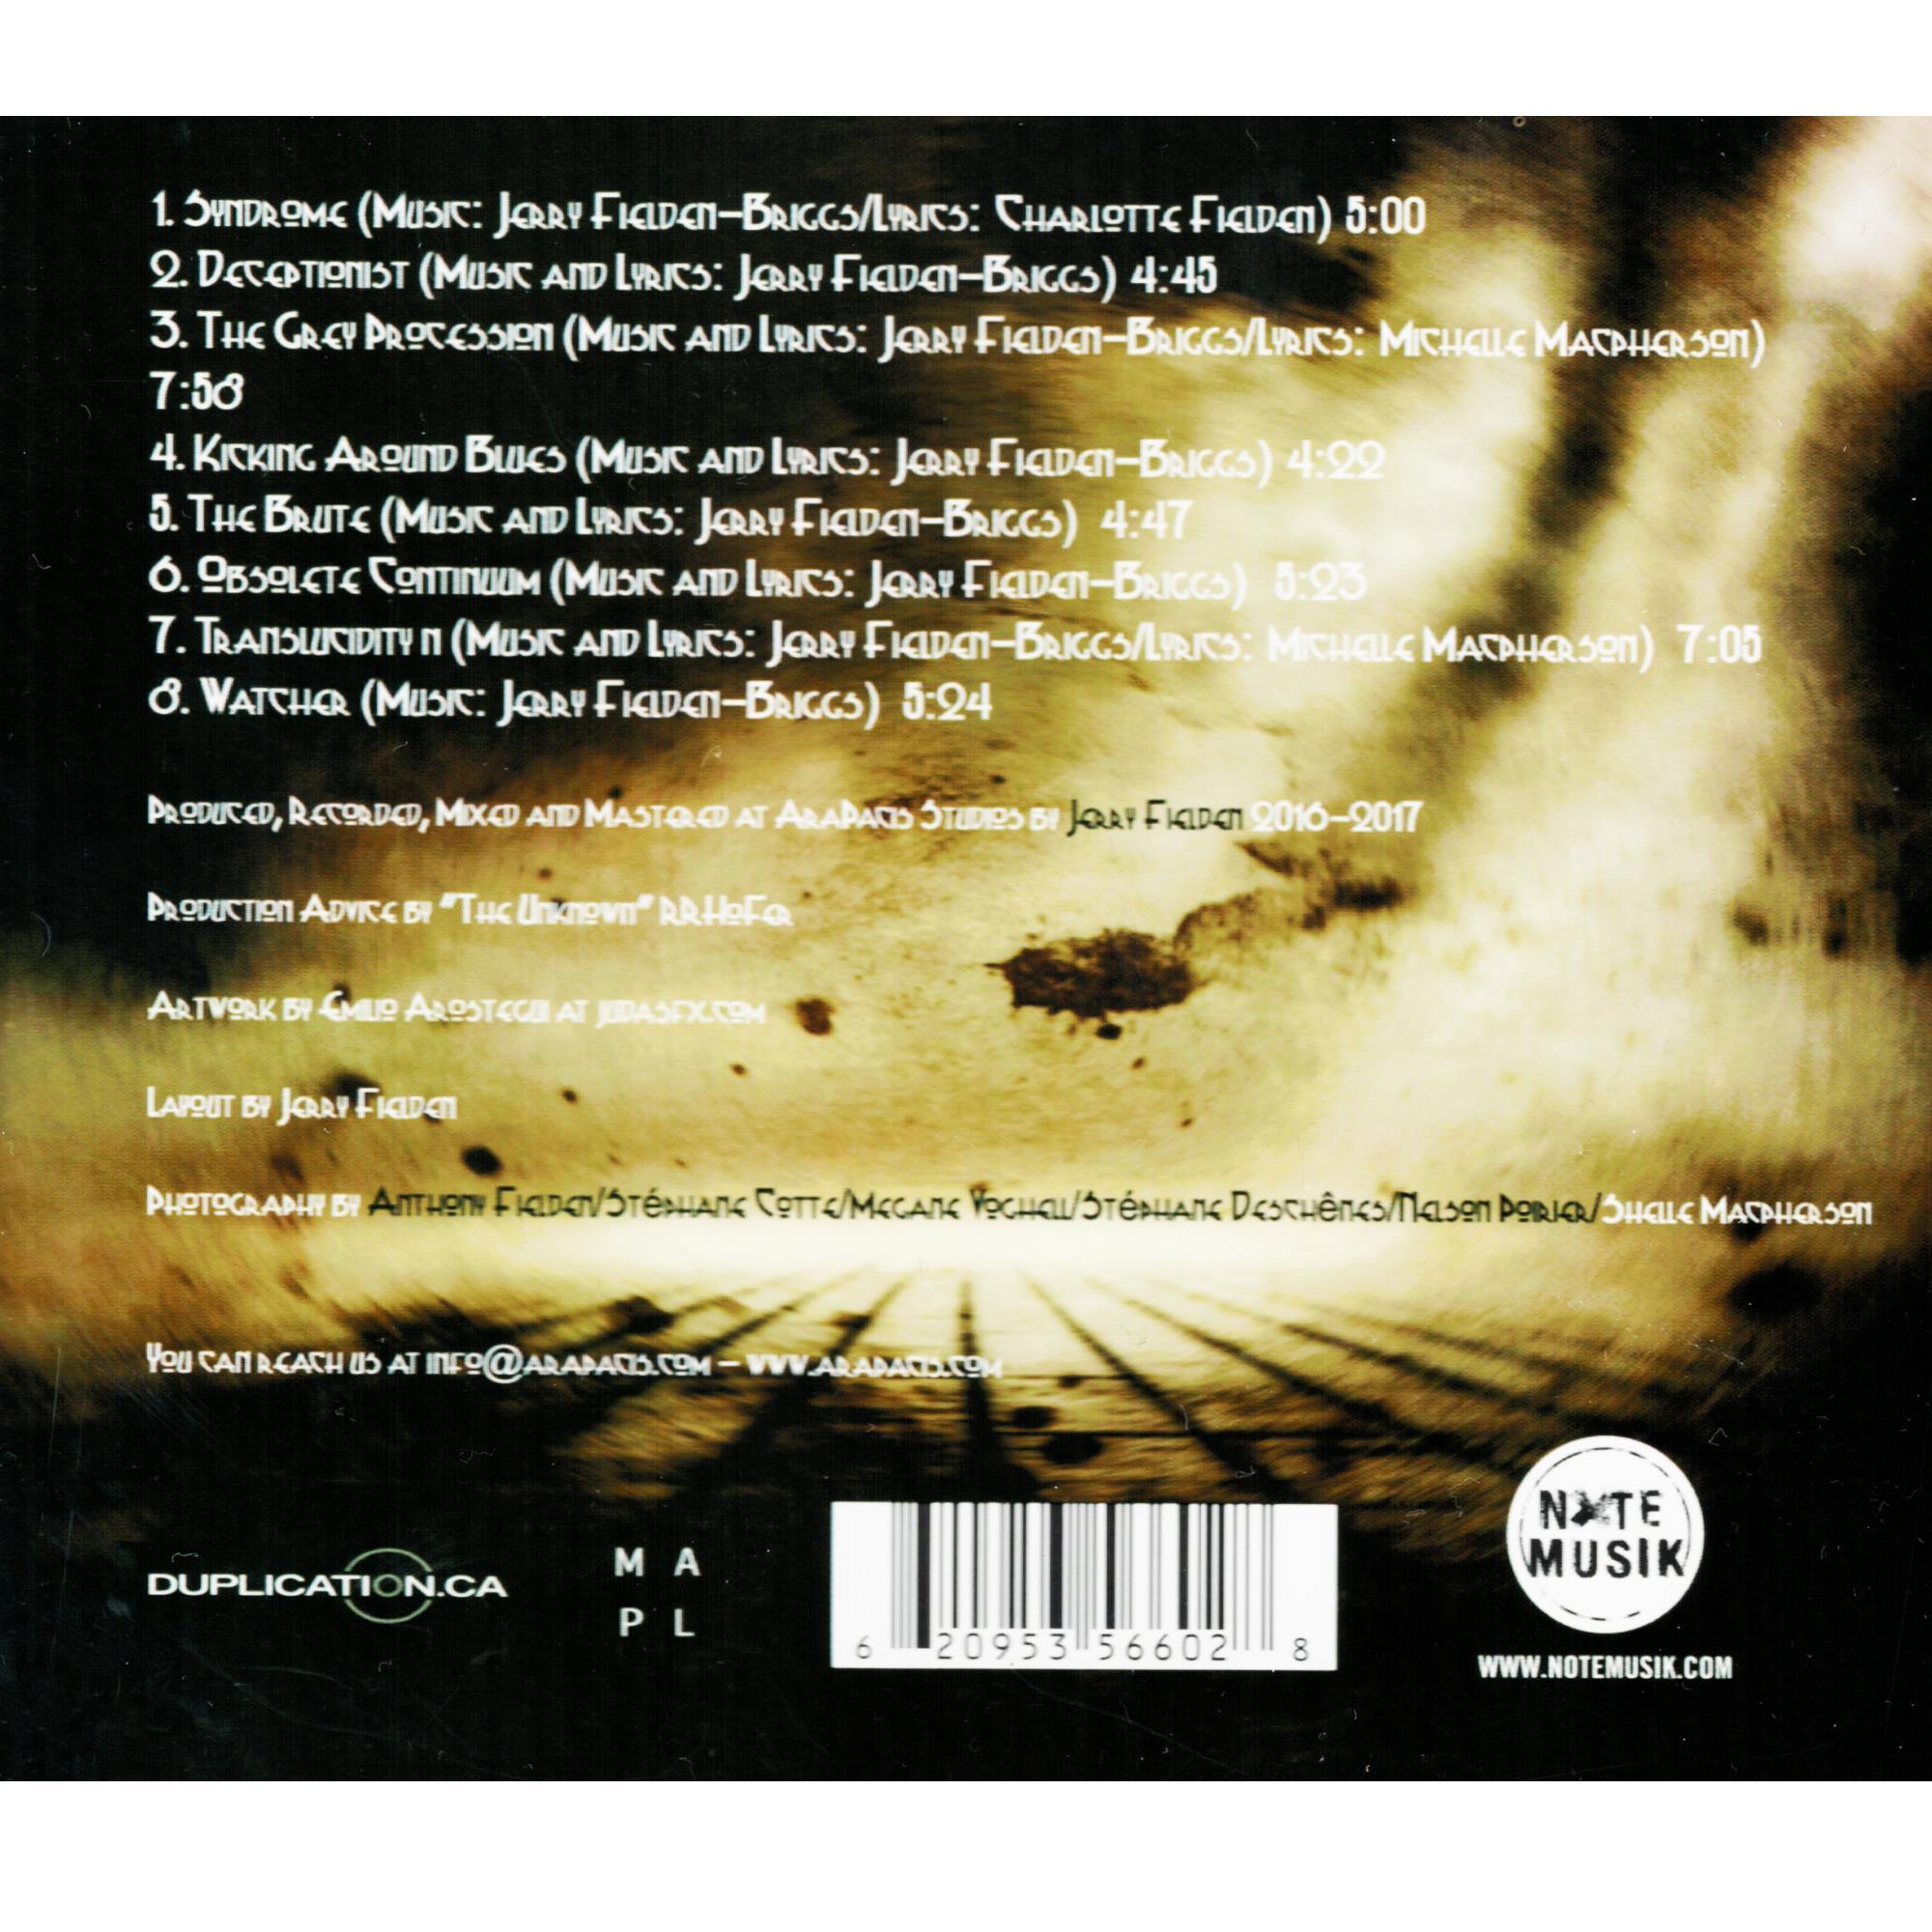 Obsolete Continuum CD